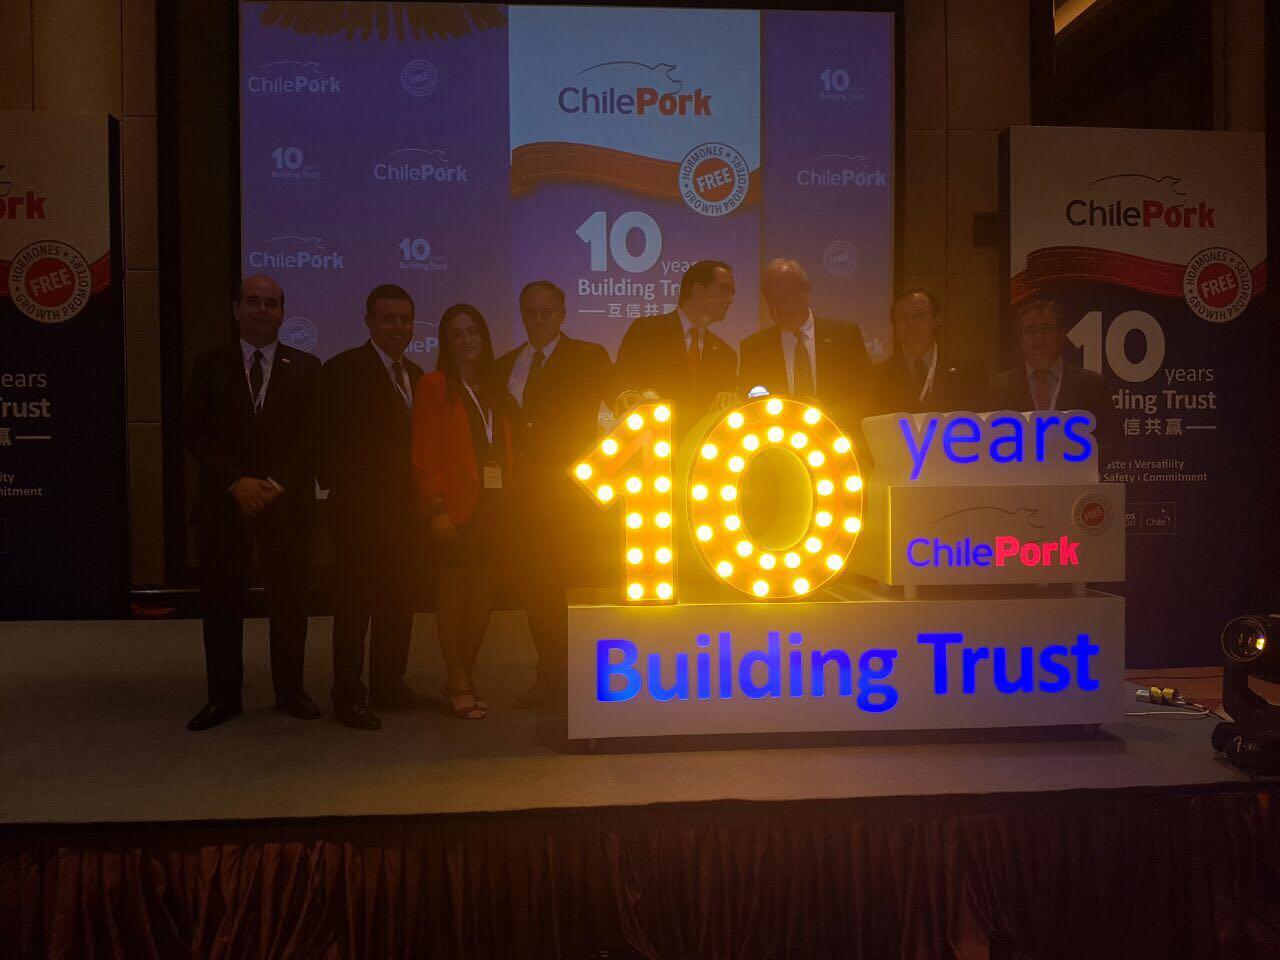 El team ChilePork junto al embajador en China, Jorge Heine, encendieron la figura que representó  la estrecha relación construida entre ChilePork y sus socios comerciales de Asia y, especialmente, de China.